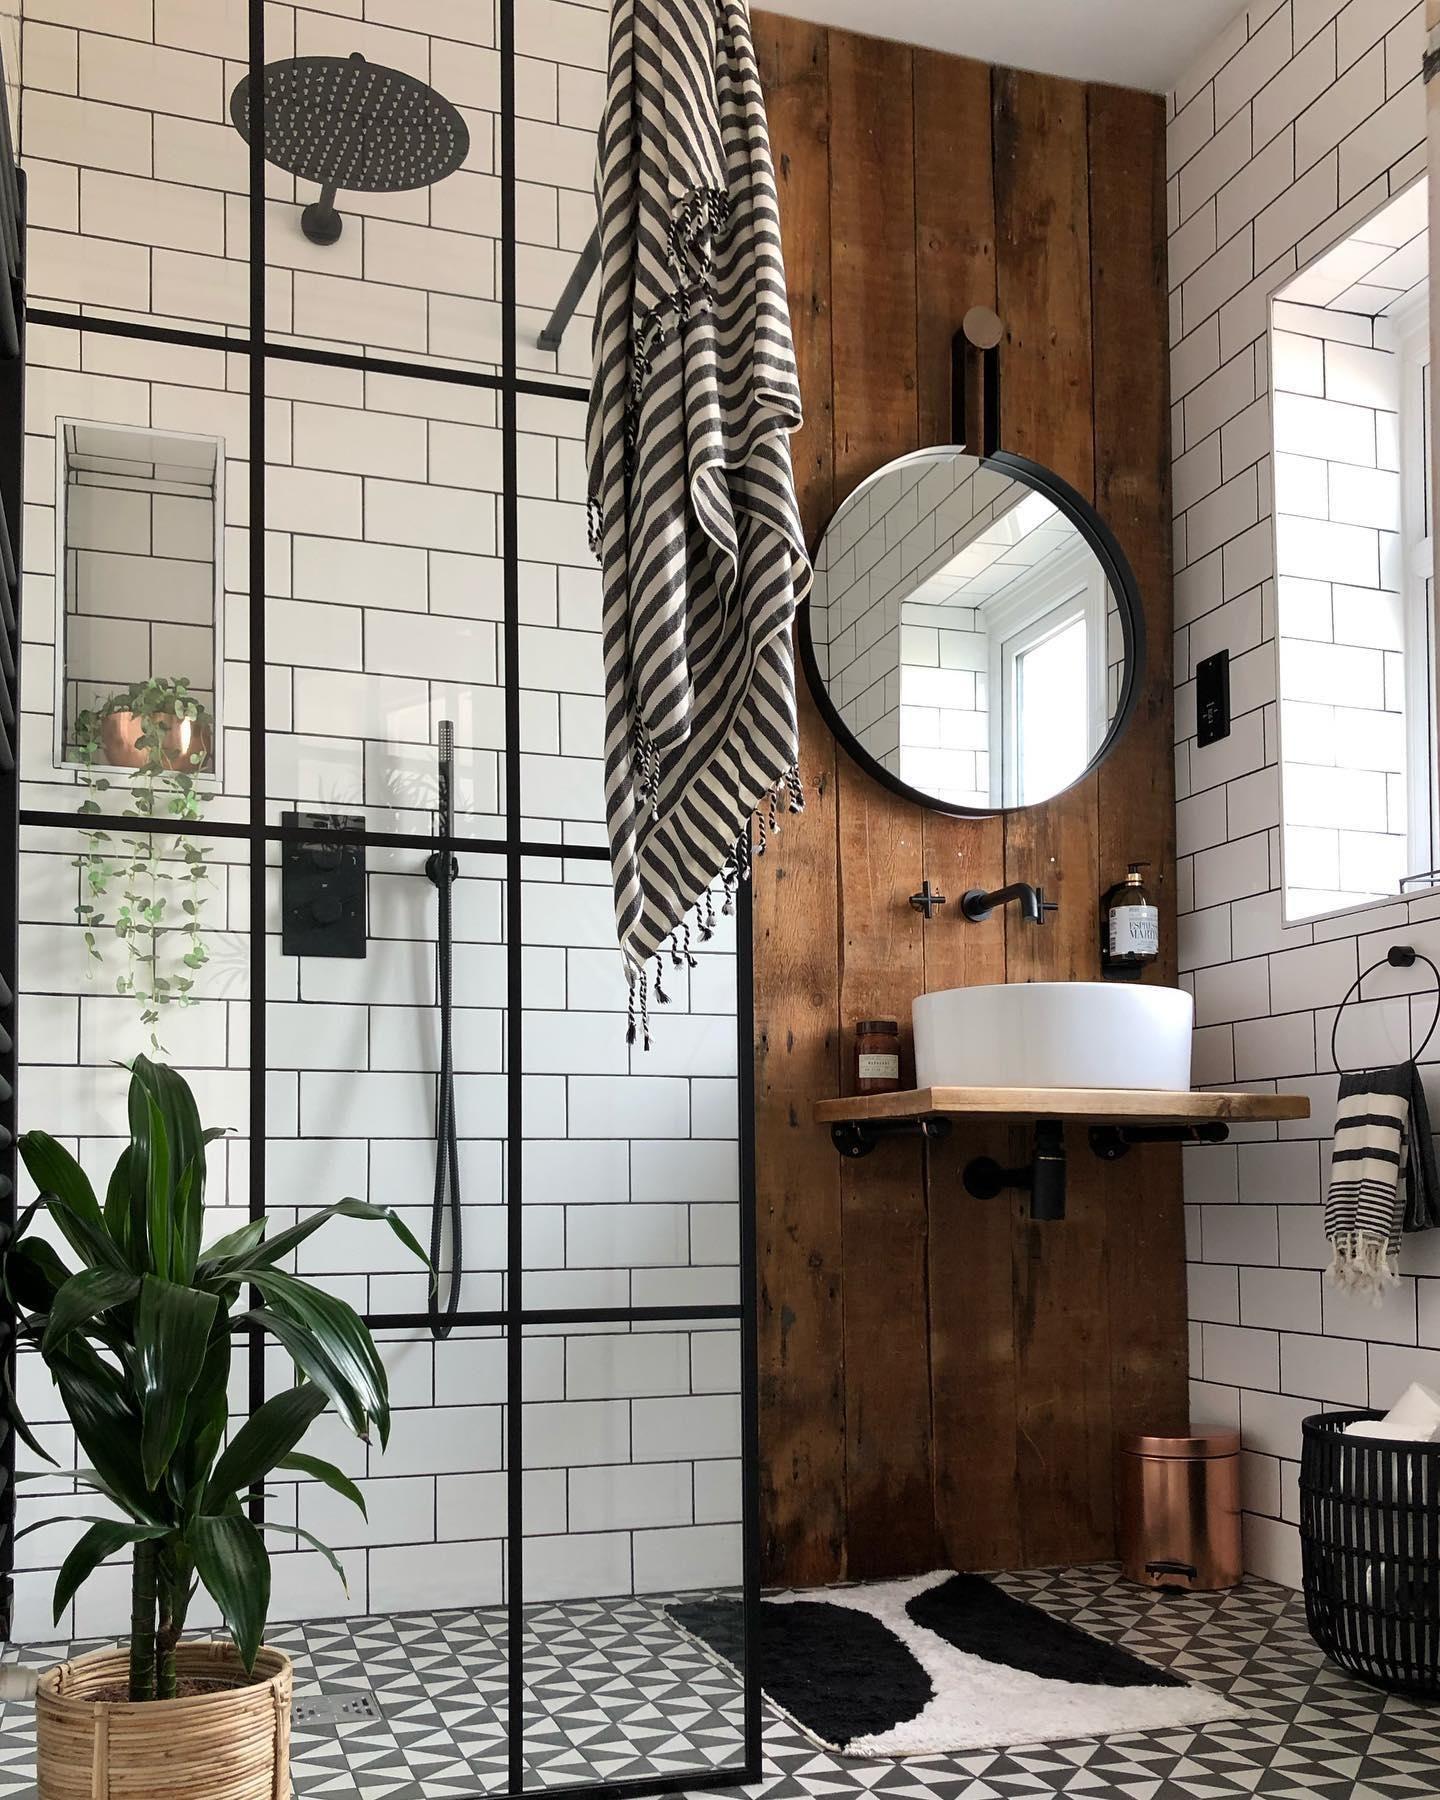 Shop Instagram Made Com Bathroom Interior Design Industrial Bathroom Design Floor Design